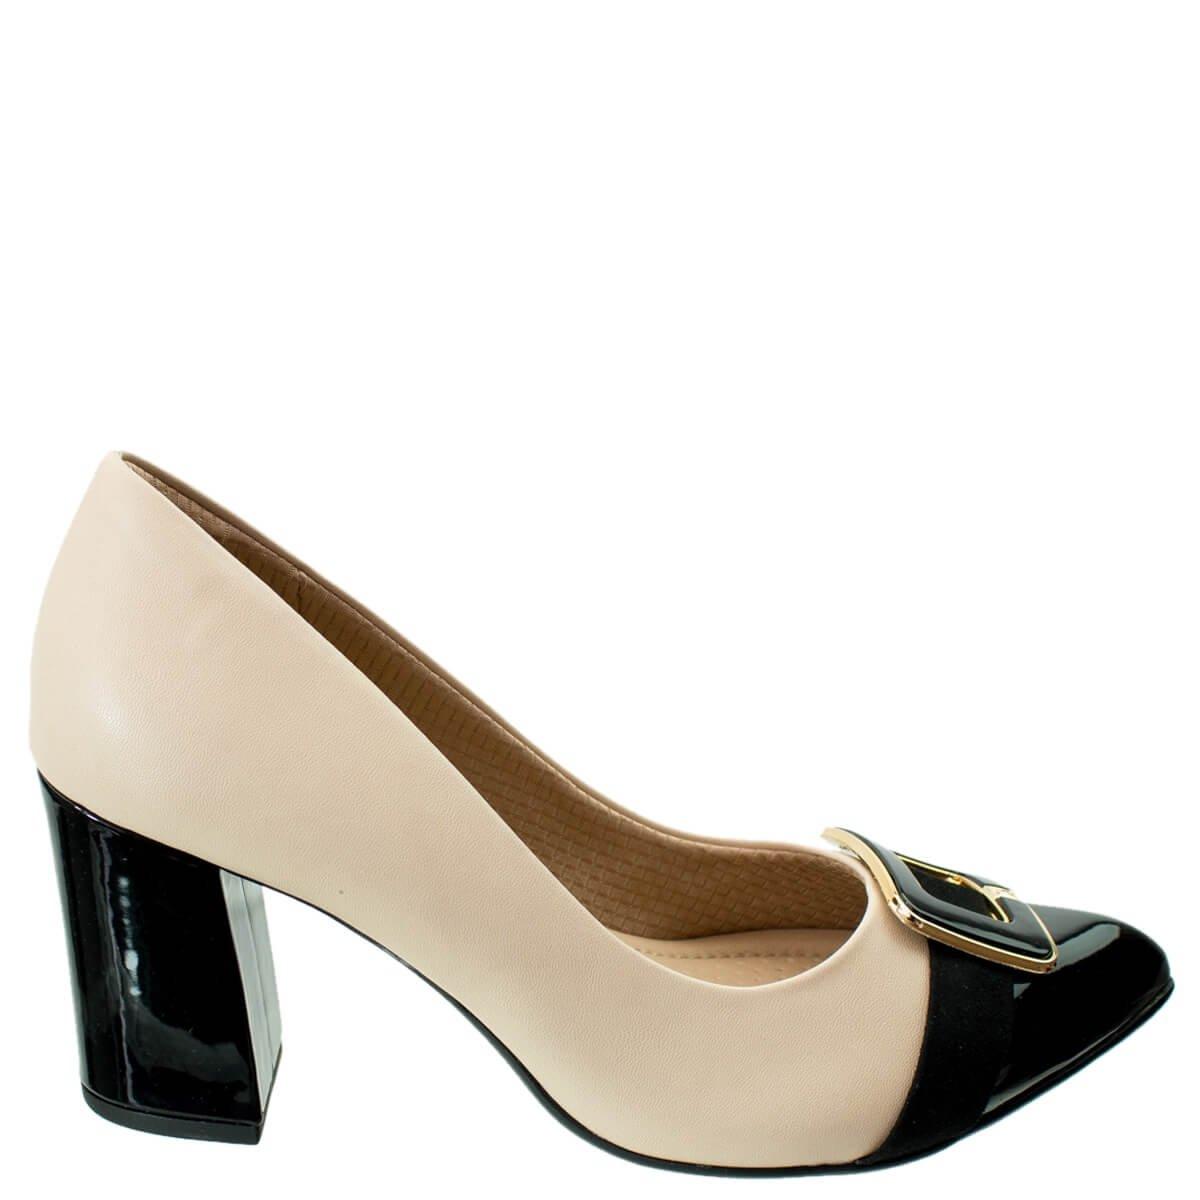 f13a2b957 Bizz Store - Sapato Scarpin Feminino Piccadilly Salto Grosso